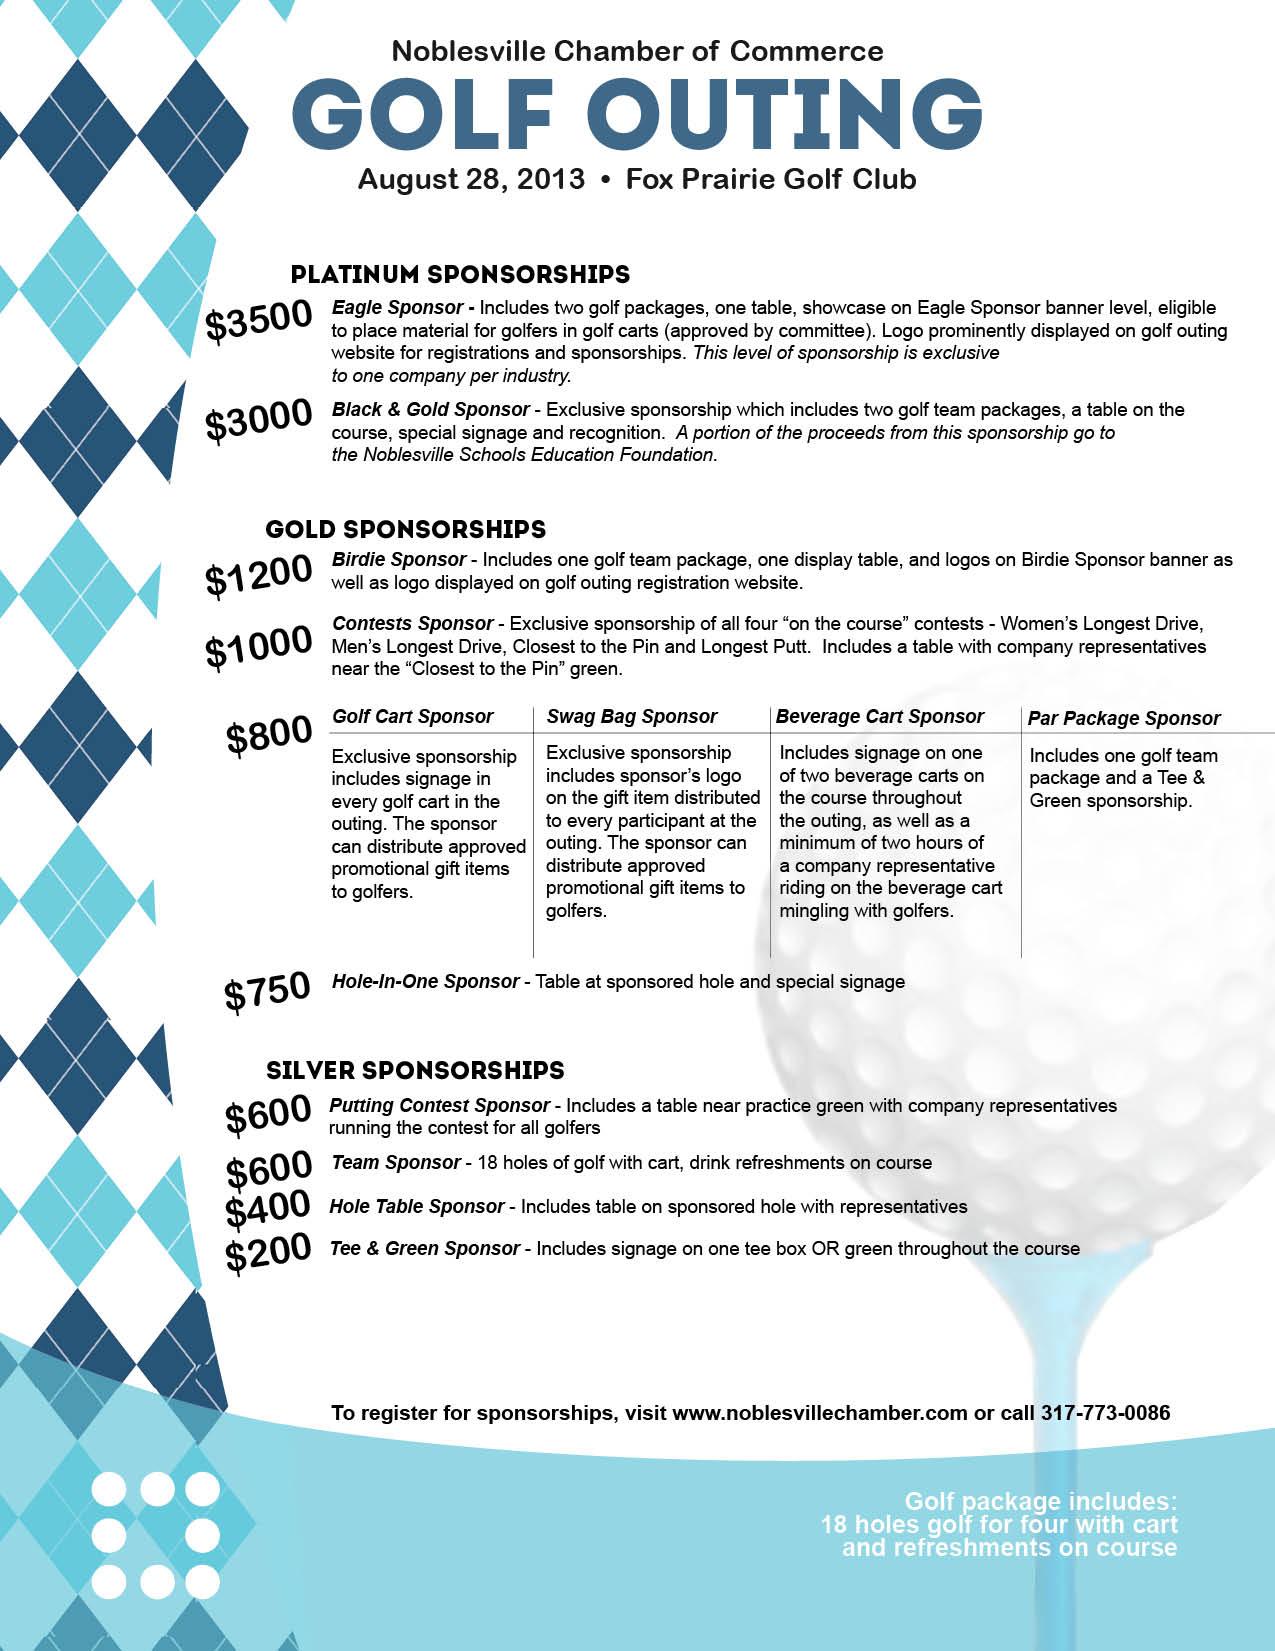 Noblesville Chamber Online Golf Outing Sponsorship.jpg